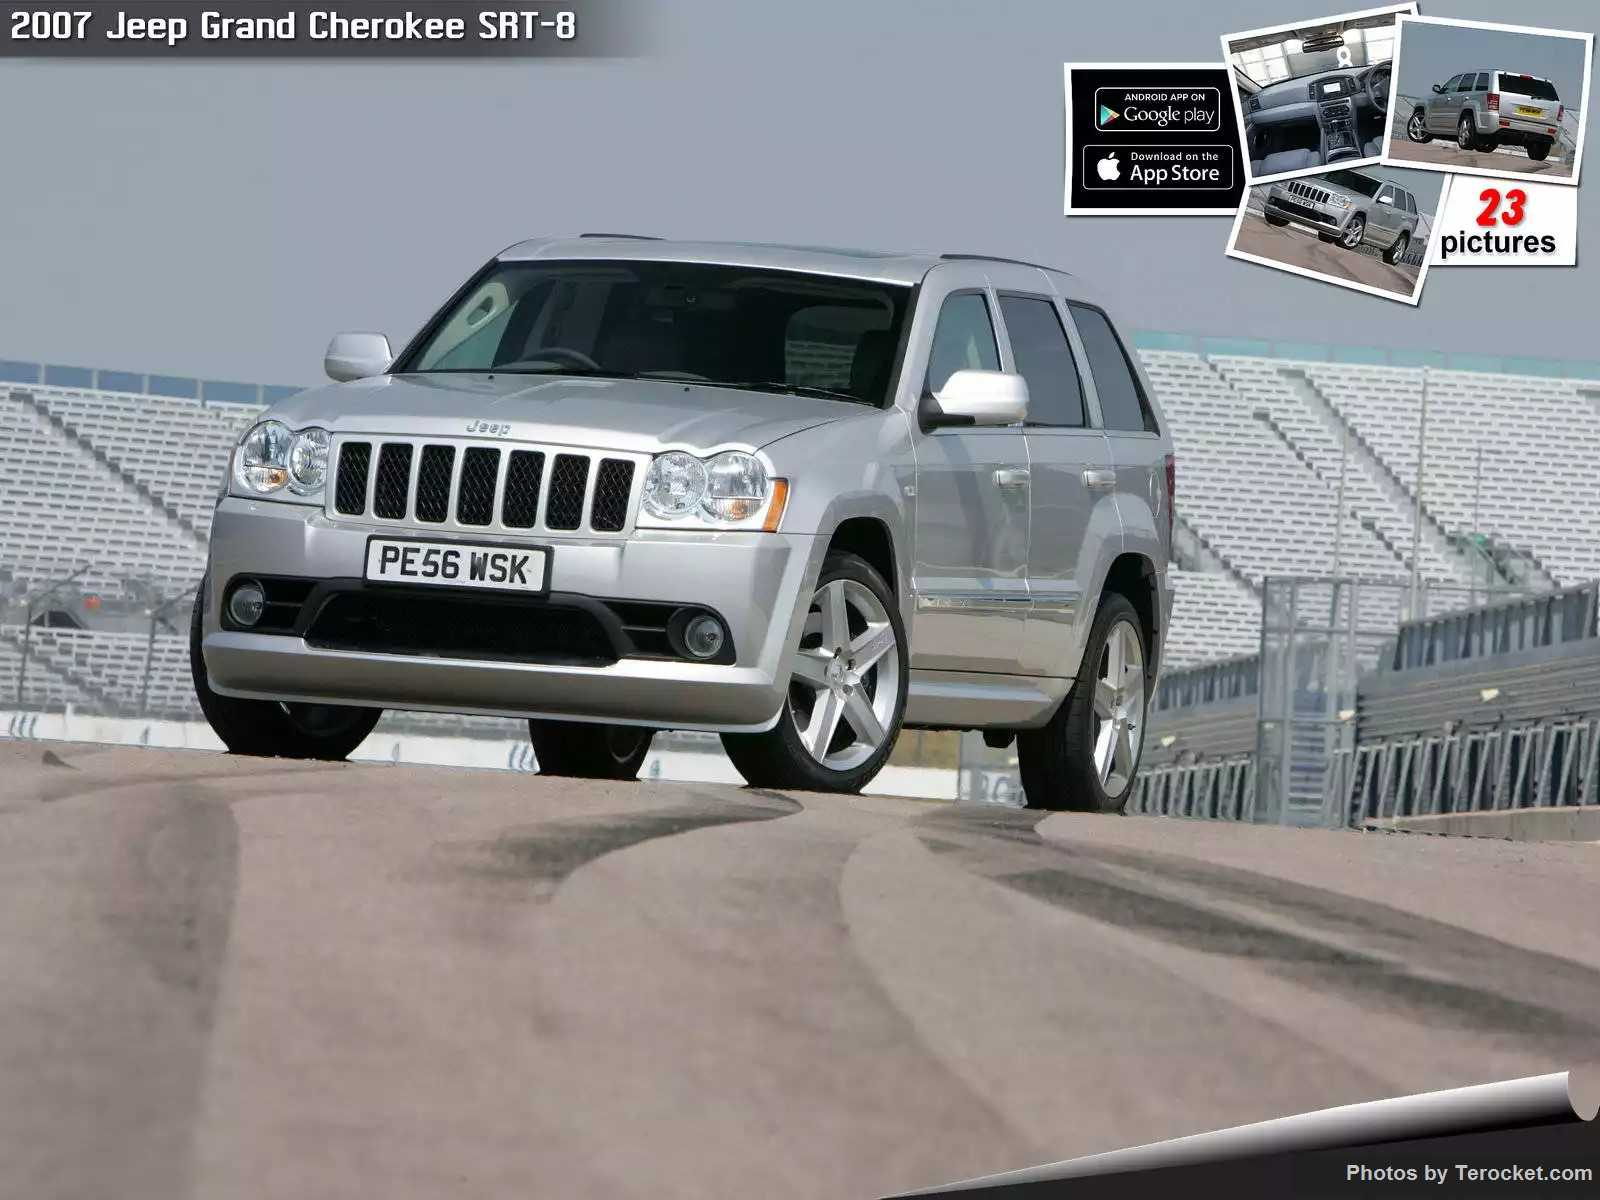 Hình ảnh xe ô tô Jeep Grand Cherokee SRT-8 UK Version 2007 & nội ngoại thất